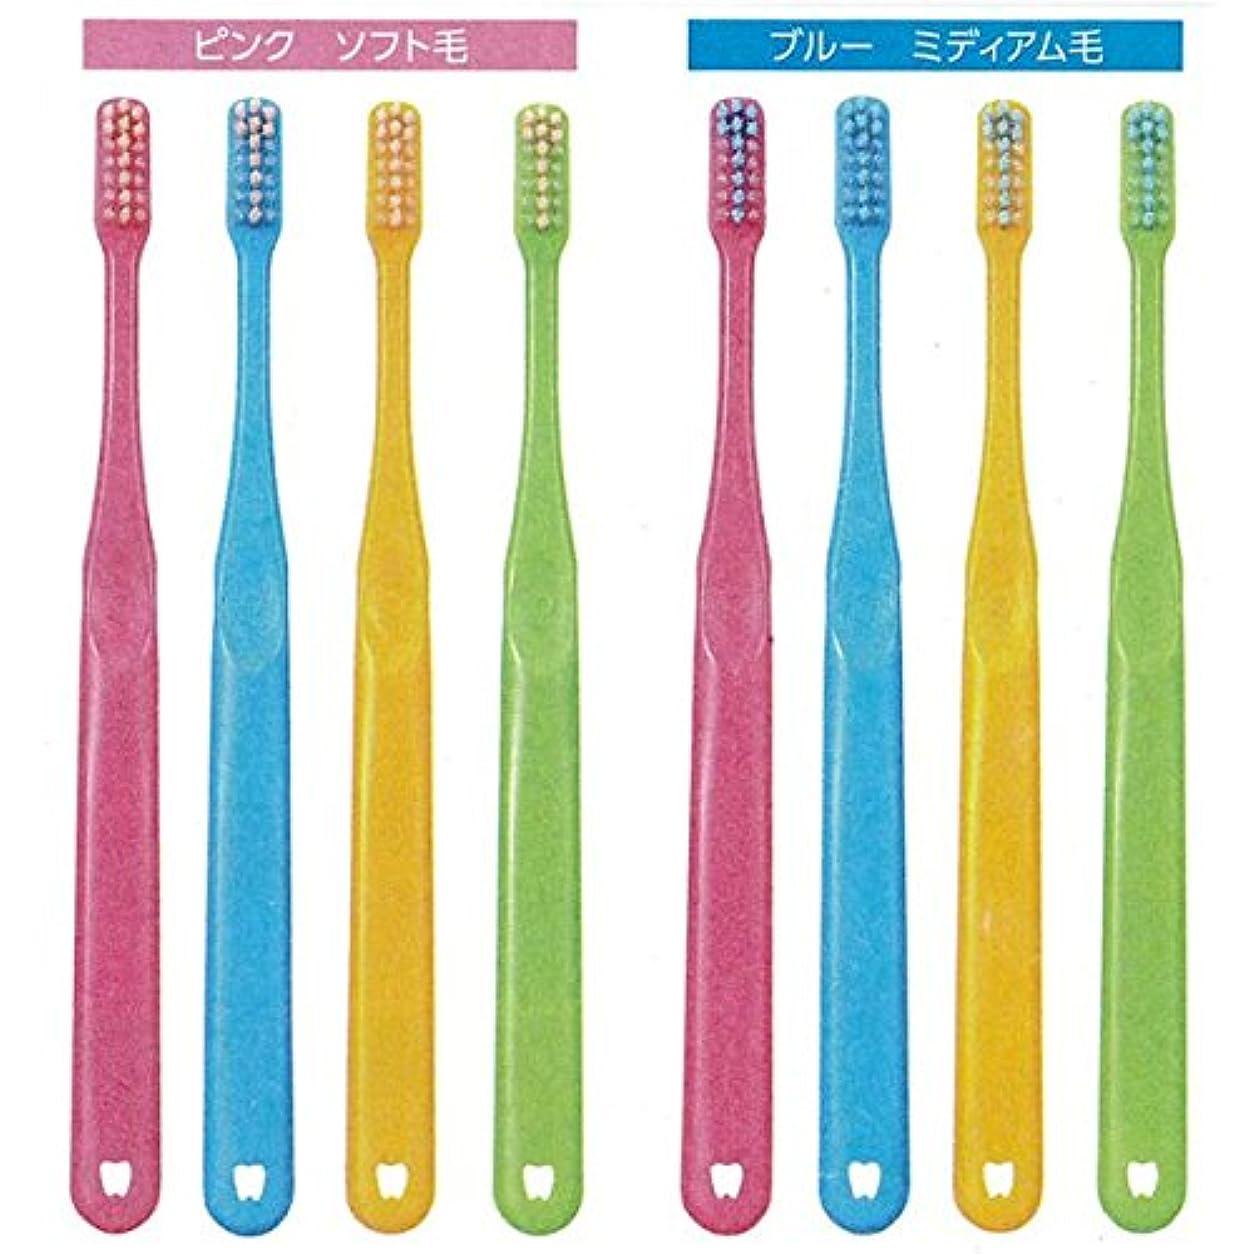 闇直立ウェイターci PROPLUS +プロプラス 大人用 一般 歯ブラシ1本 (S(やわらかめ))